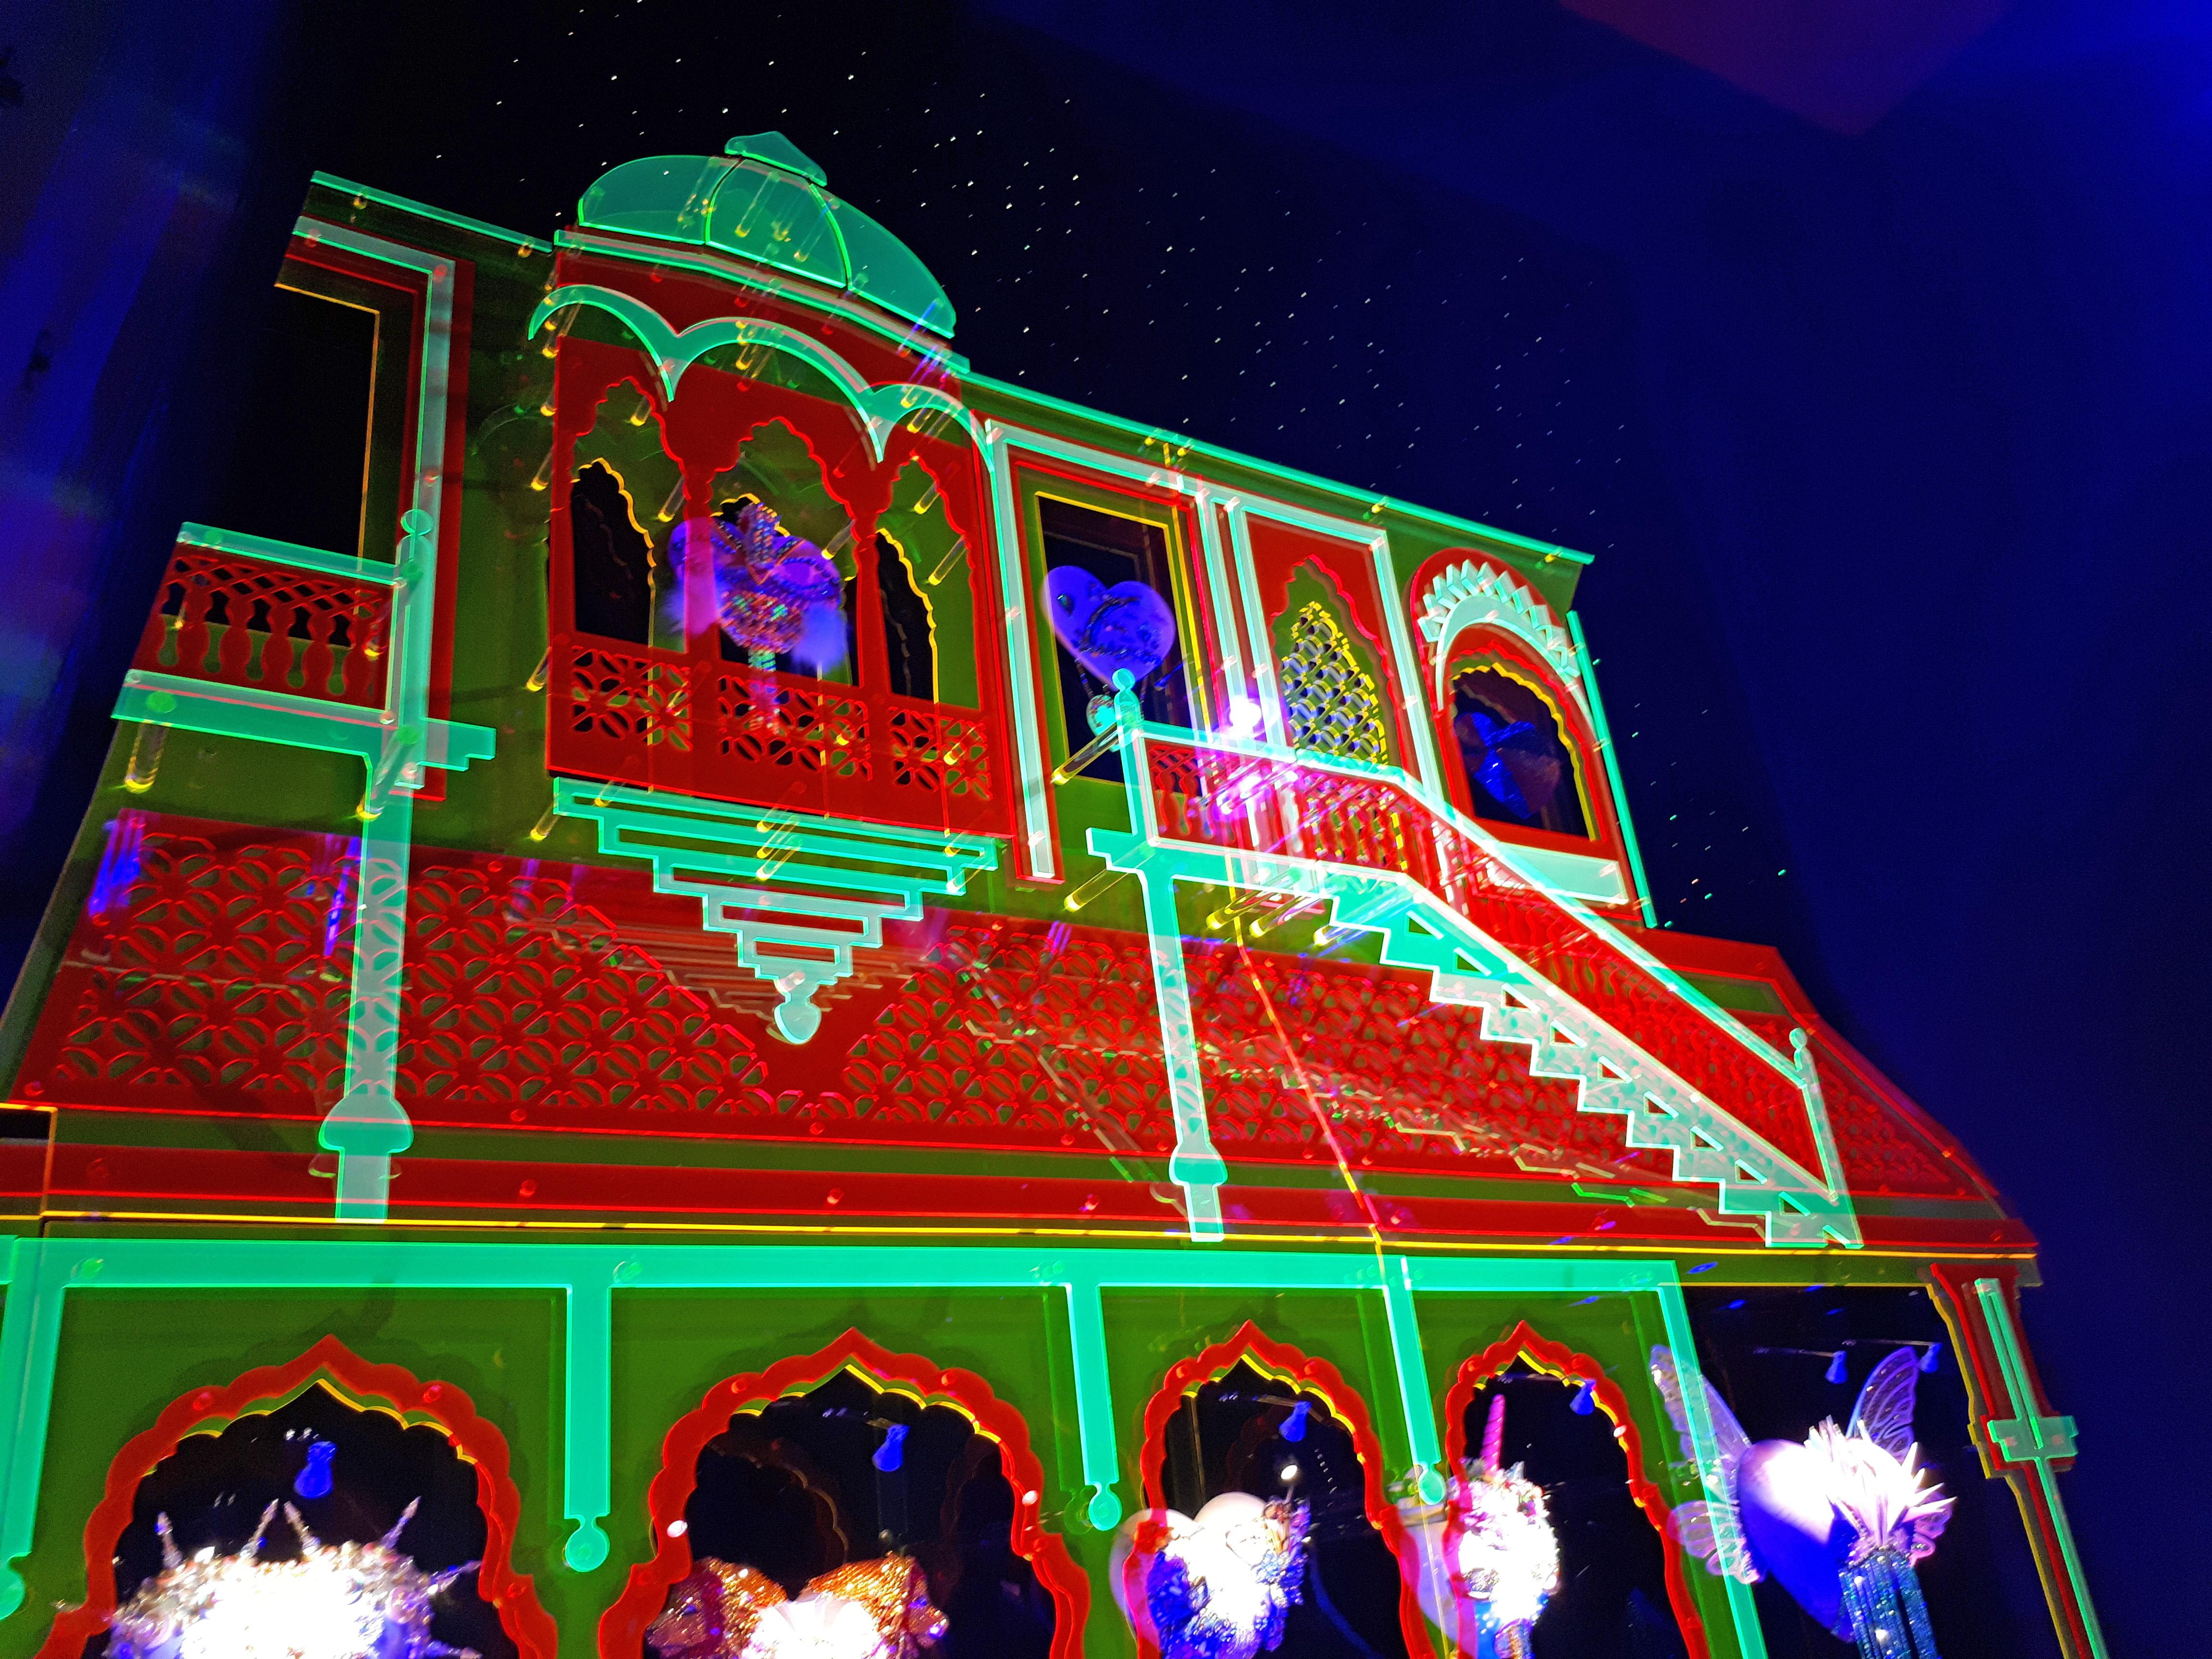 Manish Arora 2